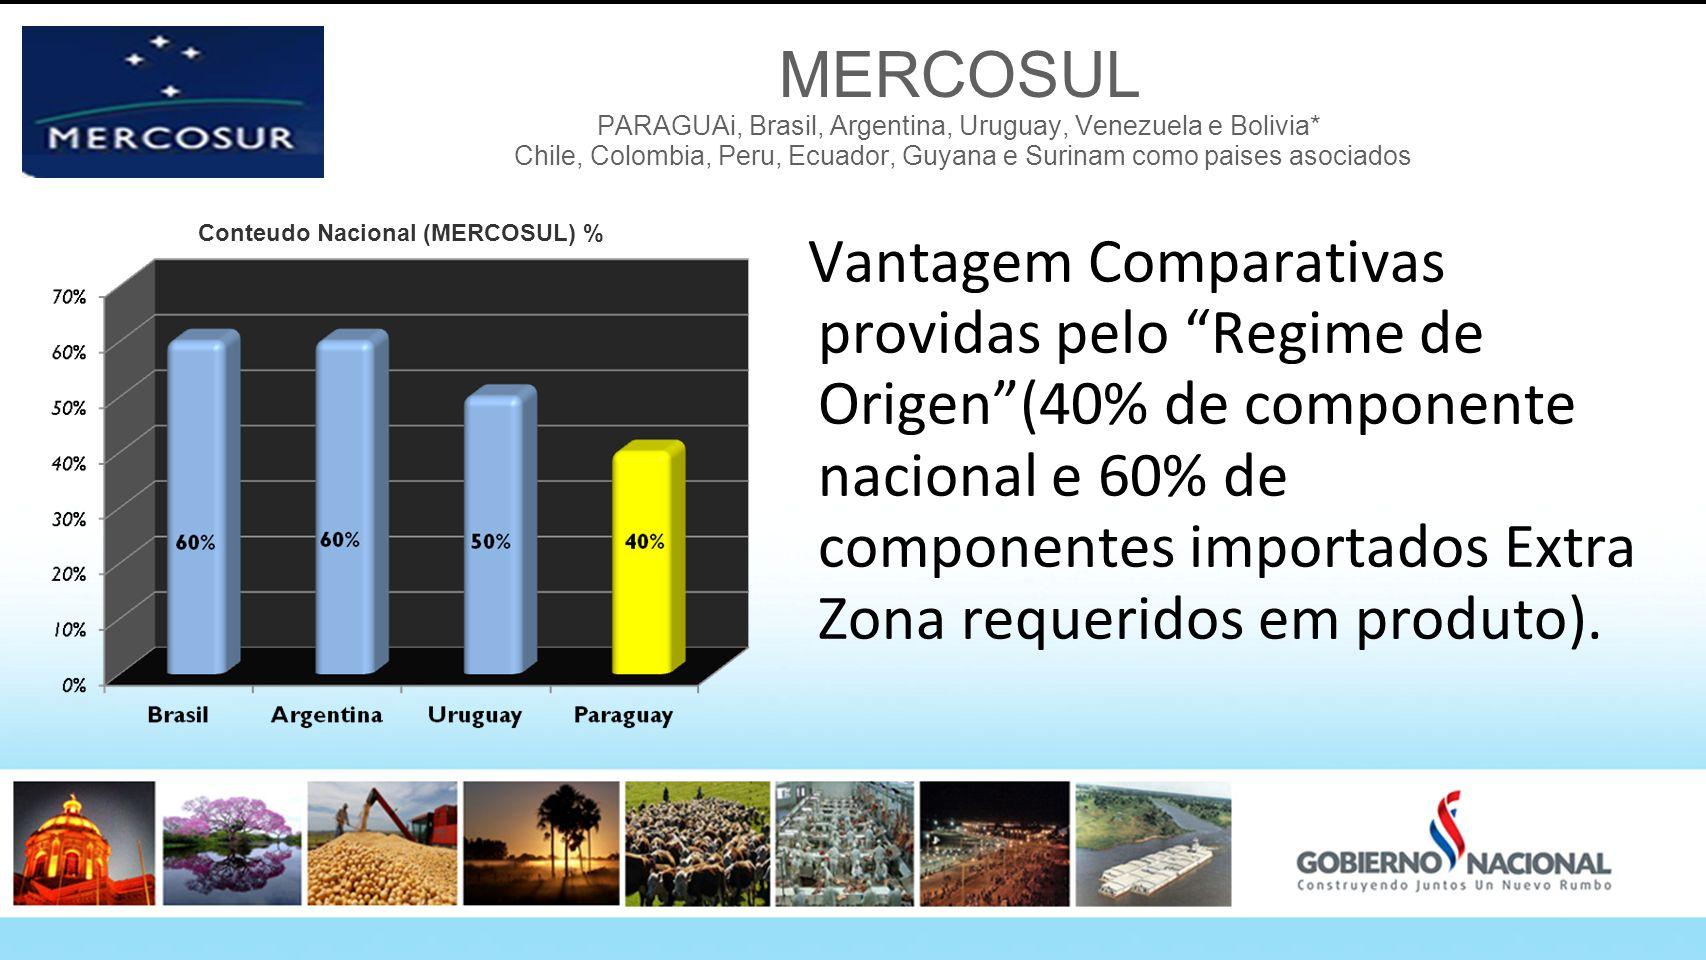 MERCOSUL PARAGUAi, Brasil, Argentina, Uruguay, Venezuela e Bolivia* Chile, Colombia, Peru, Ecuador, Guyana e Surinam como paises asociados Vantagem Co